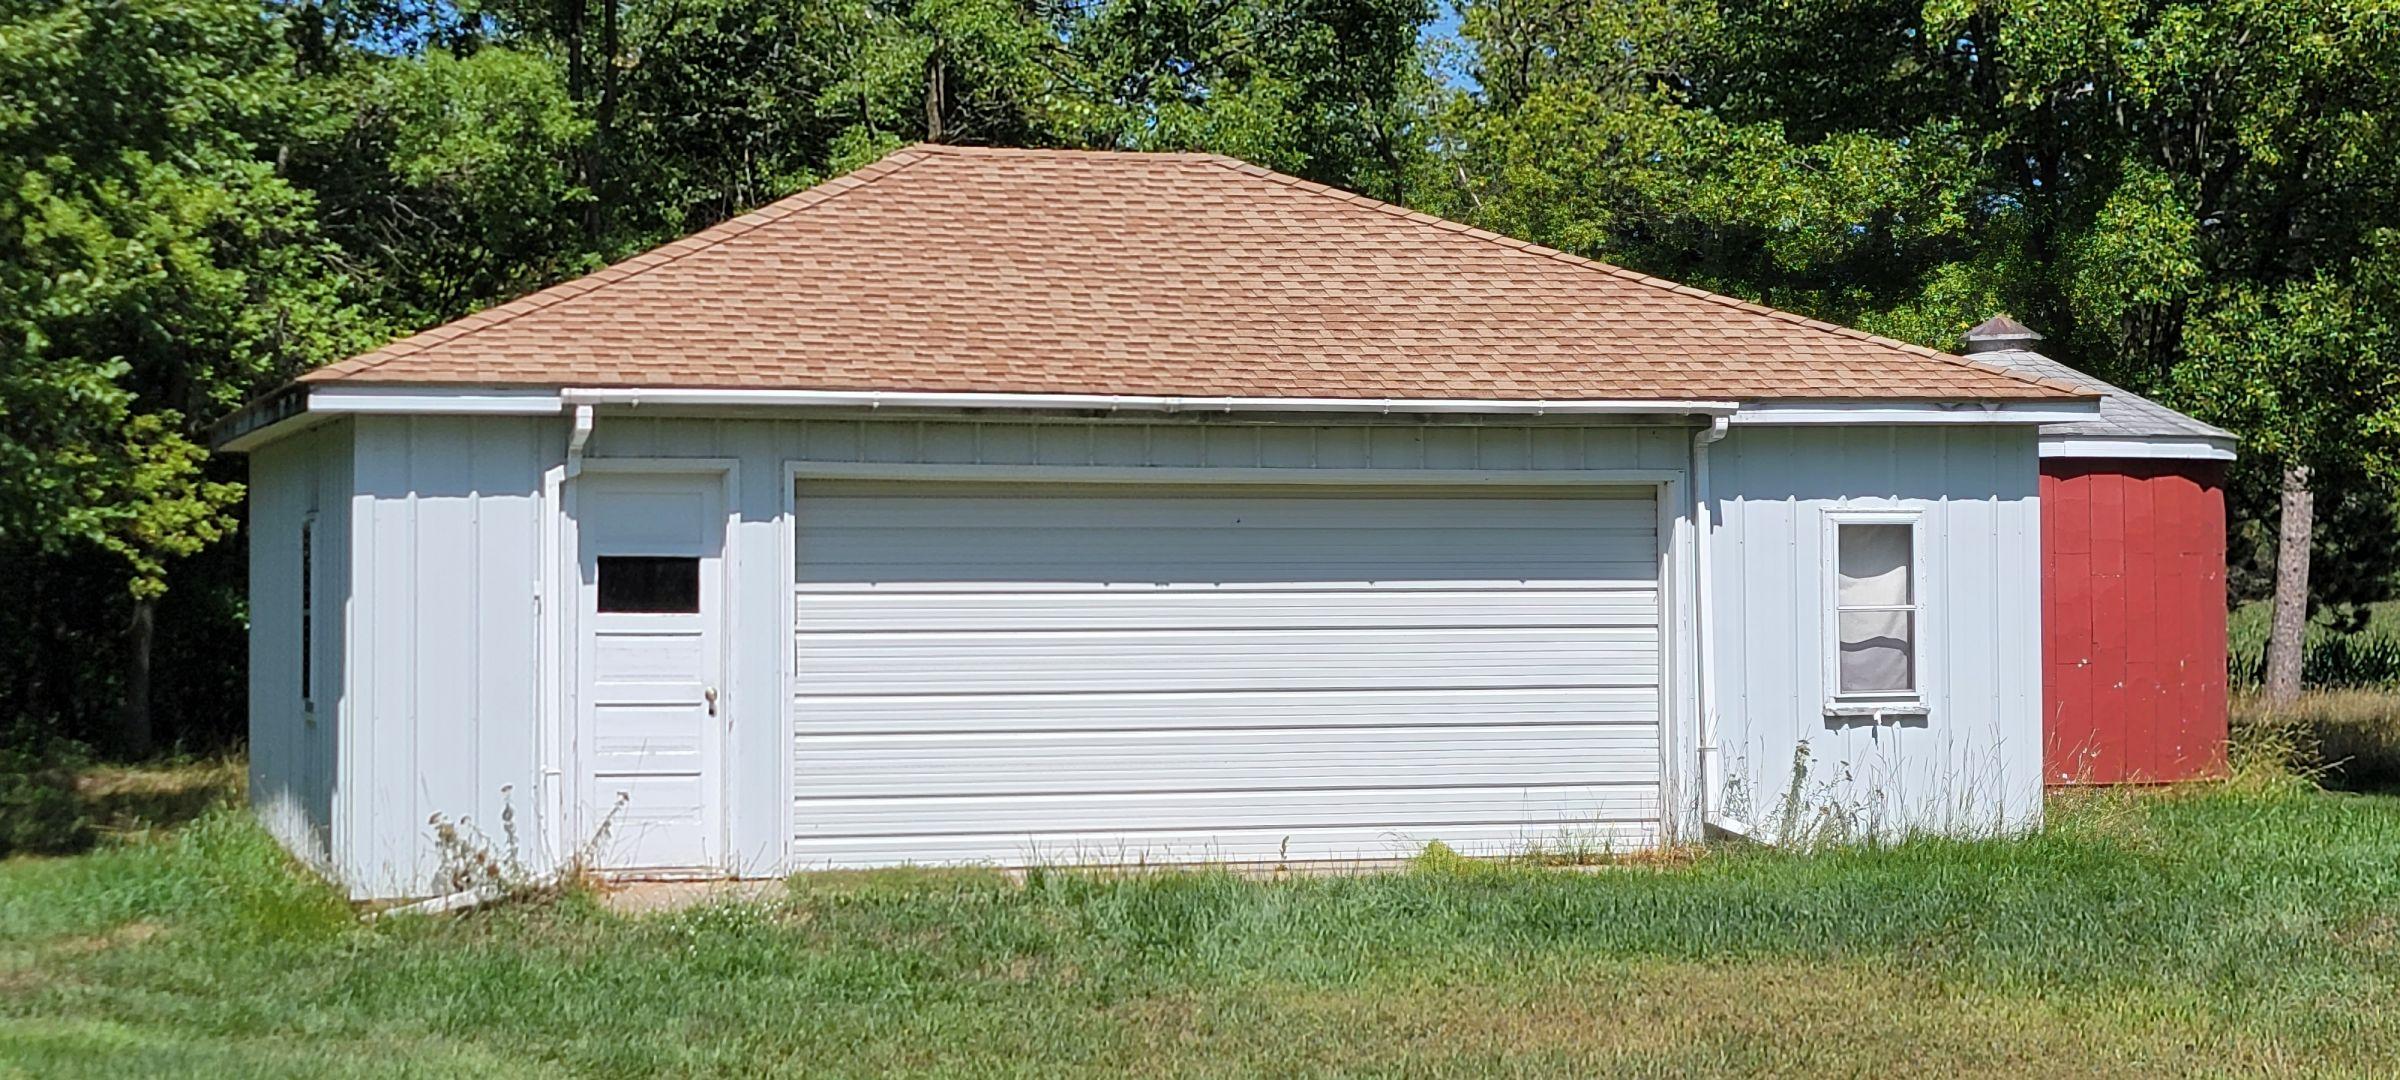 30' x 24' garage